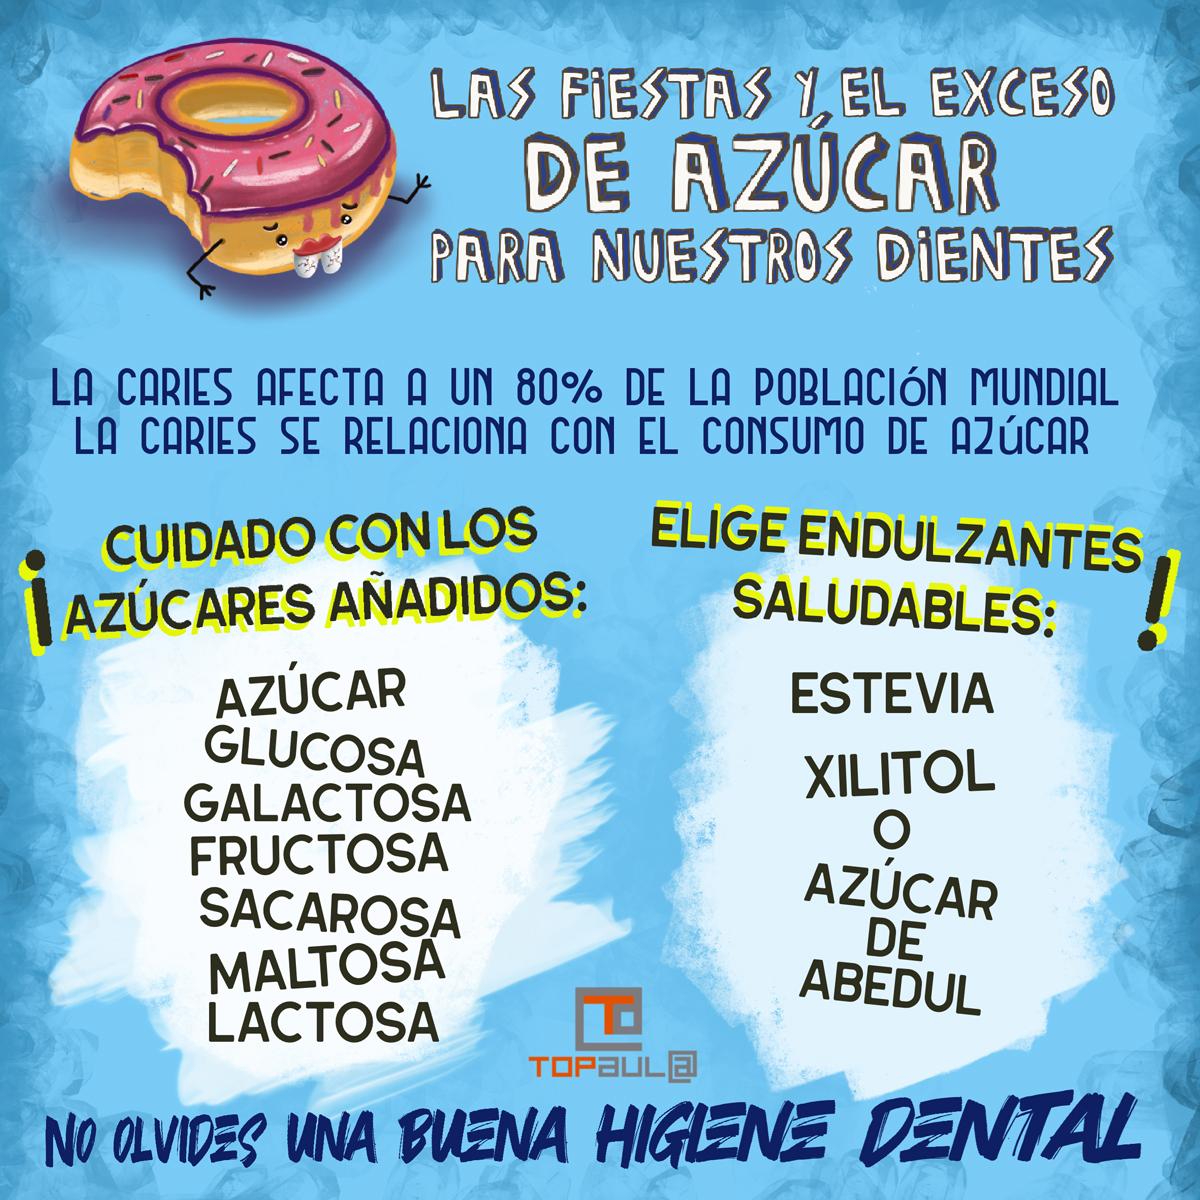 Infografía Las fiestas y el exceso de azúcar para nuestros dientes - www.topaula.com